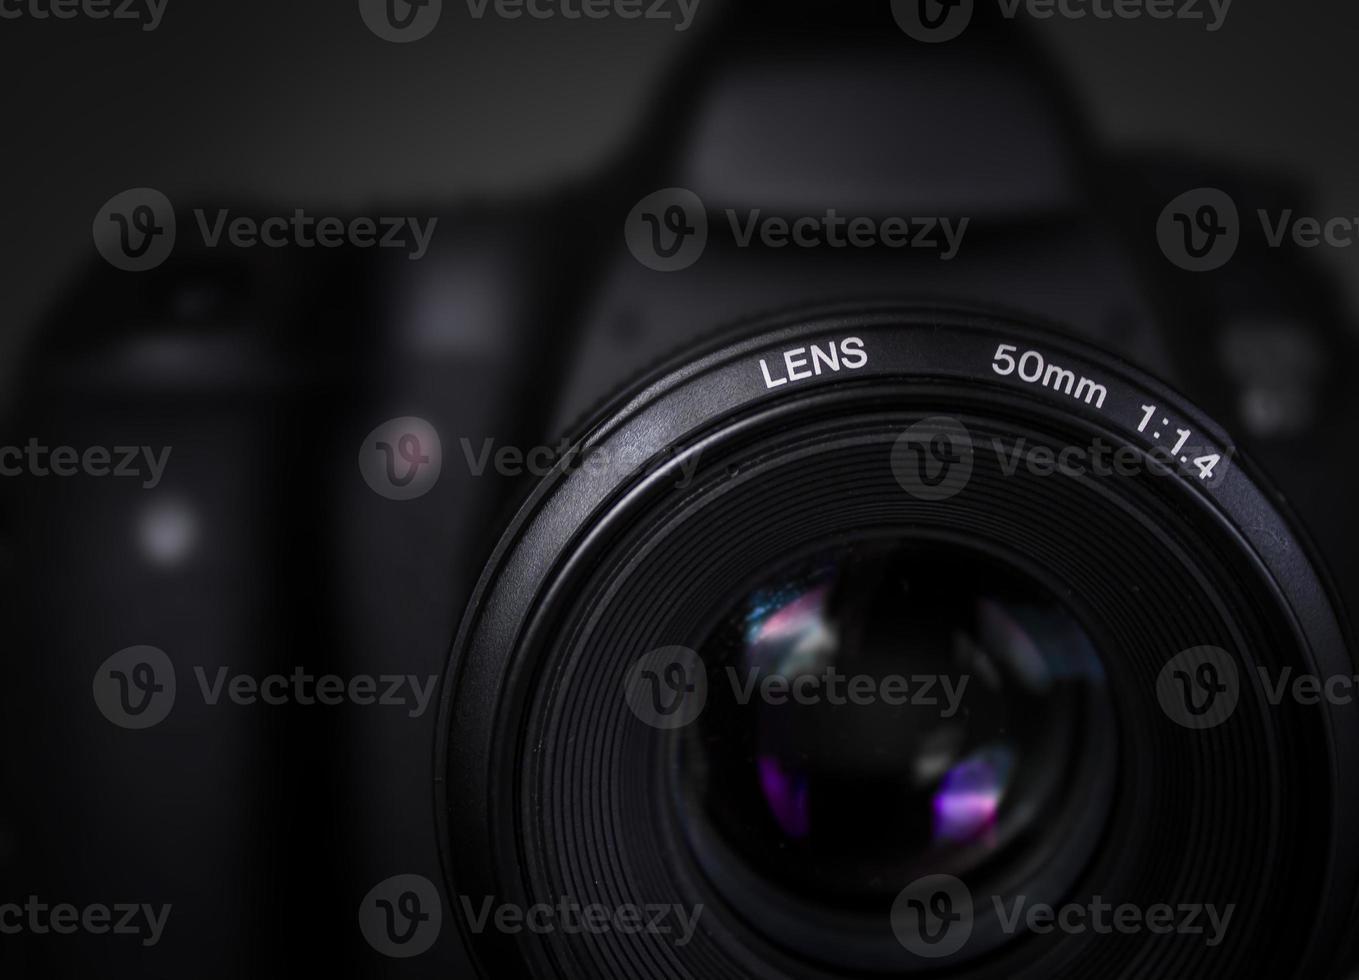 dslr camera met 50mm lens. foto